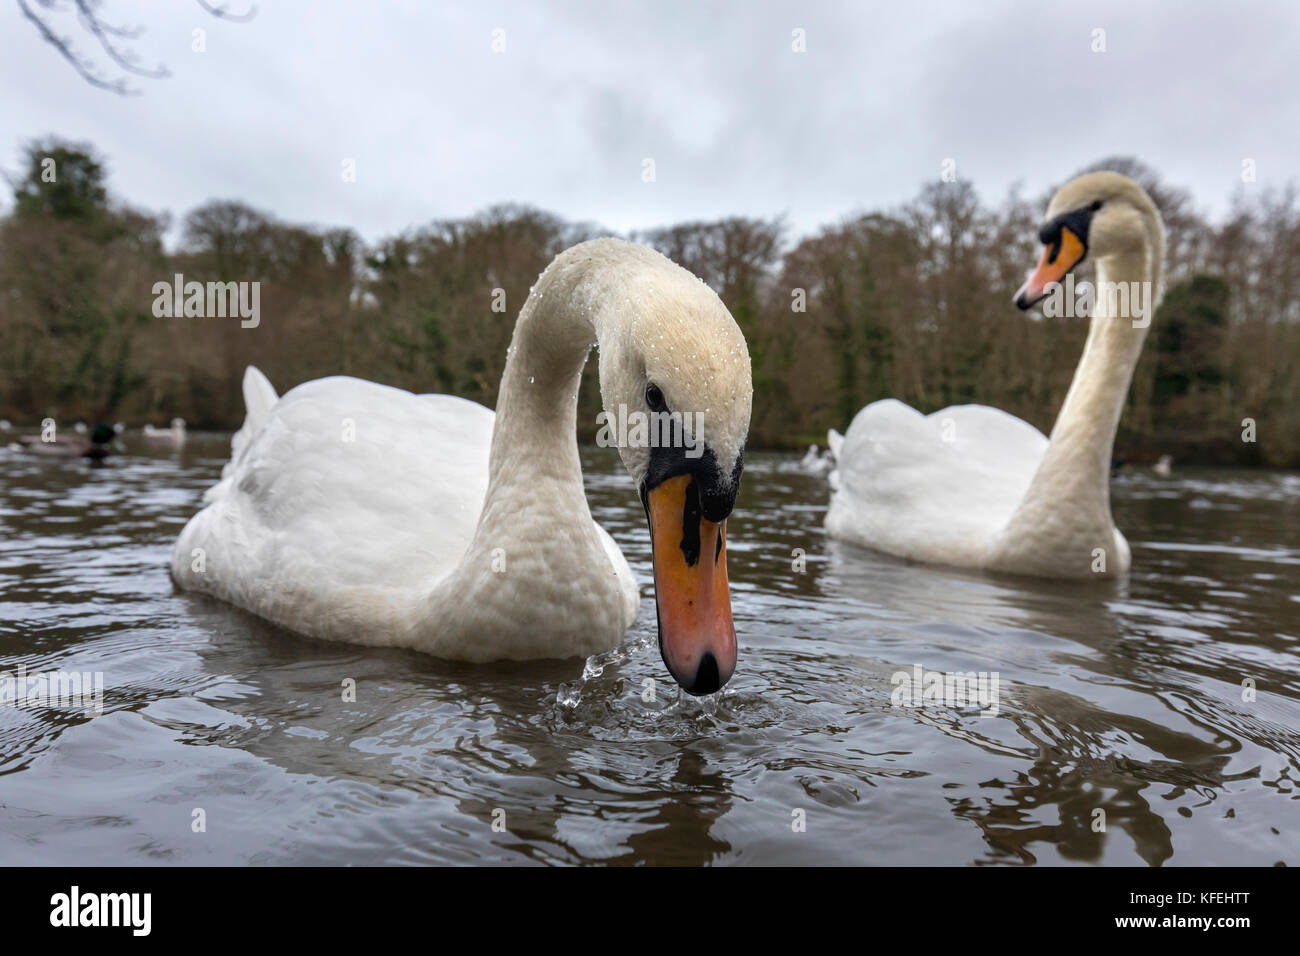 Cisne; Cygnus olor dos; el uso de una lente gran angular cornwall; uk Imagen De Stock